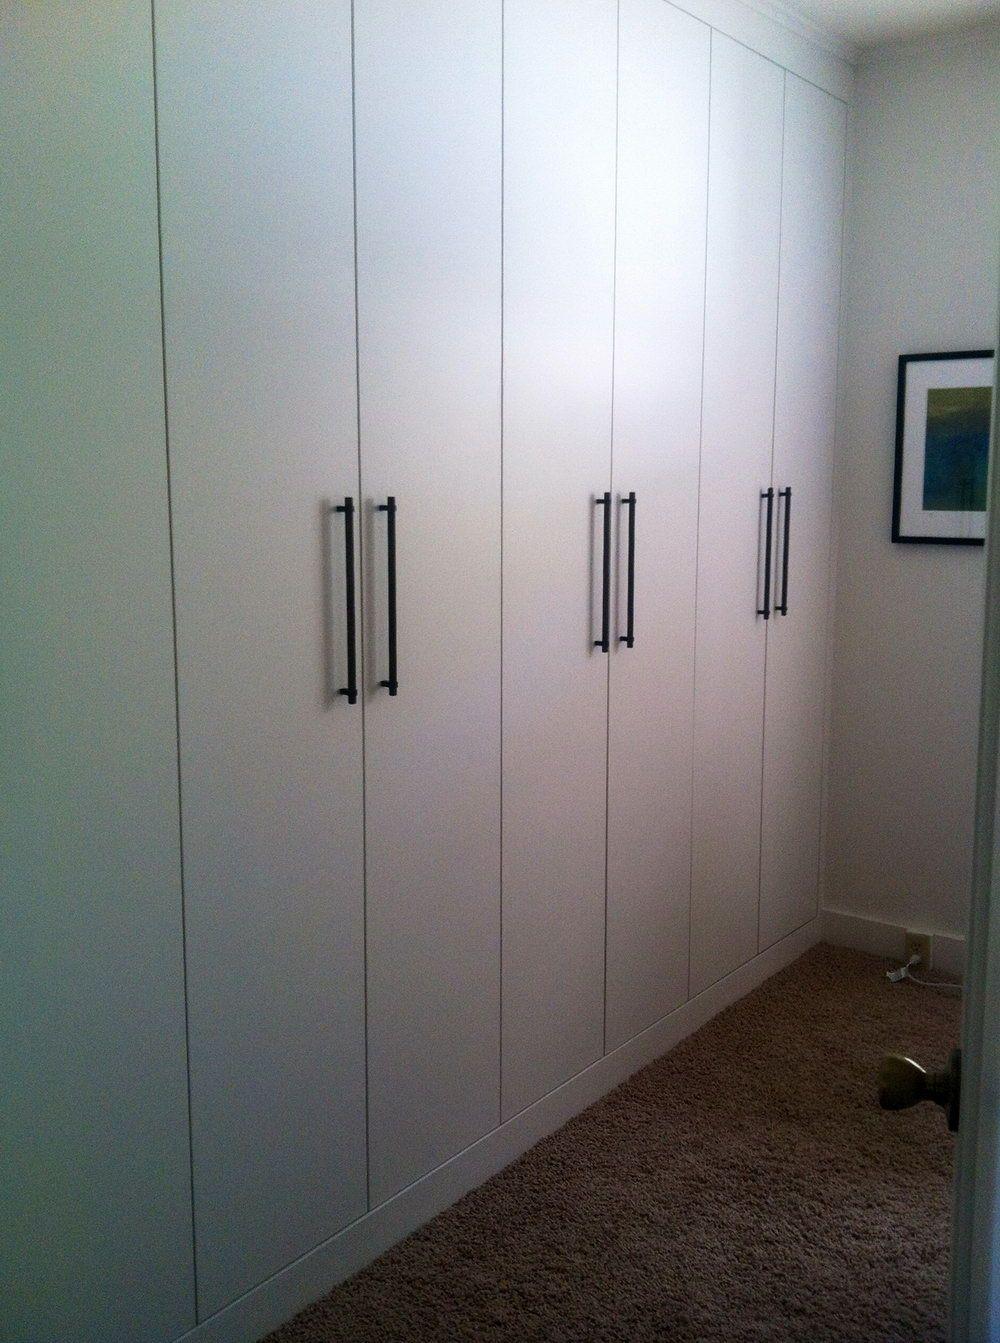 Sliding Closet Door Handles Closet Ideas Sliding Bypass Closet